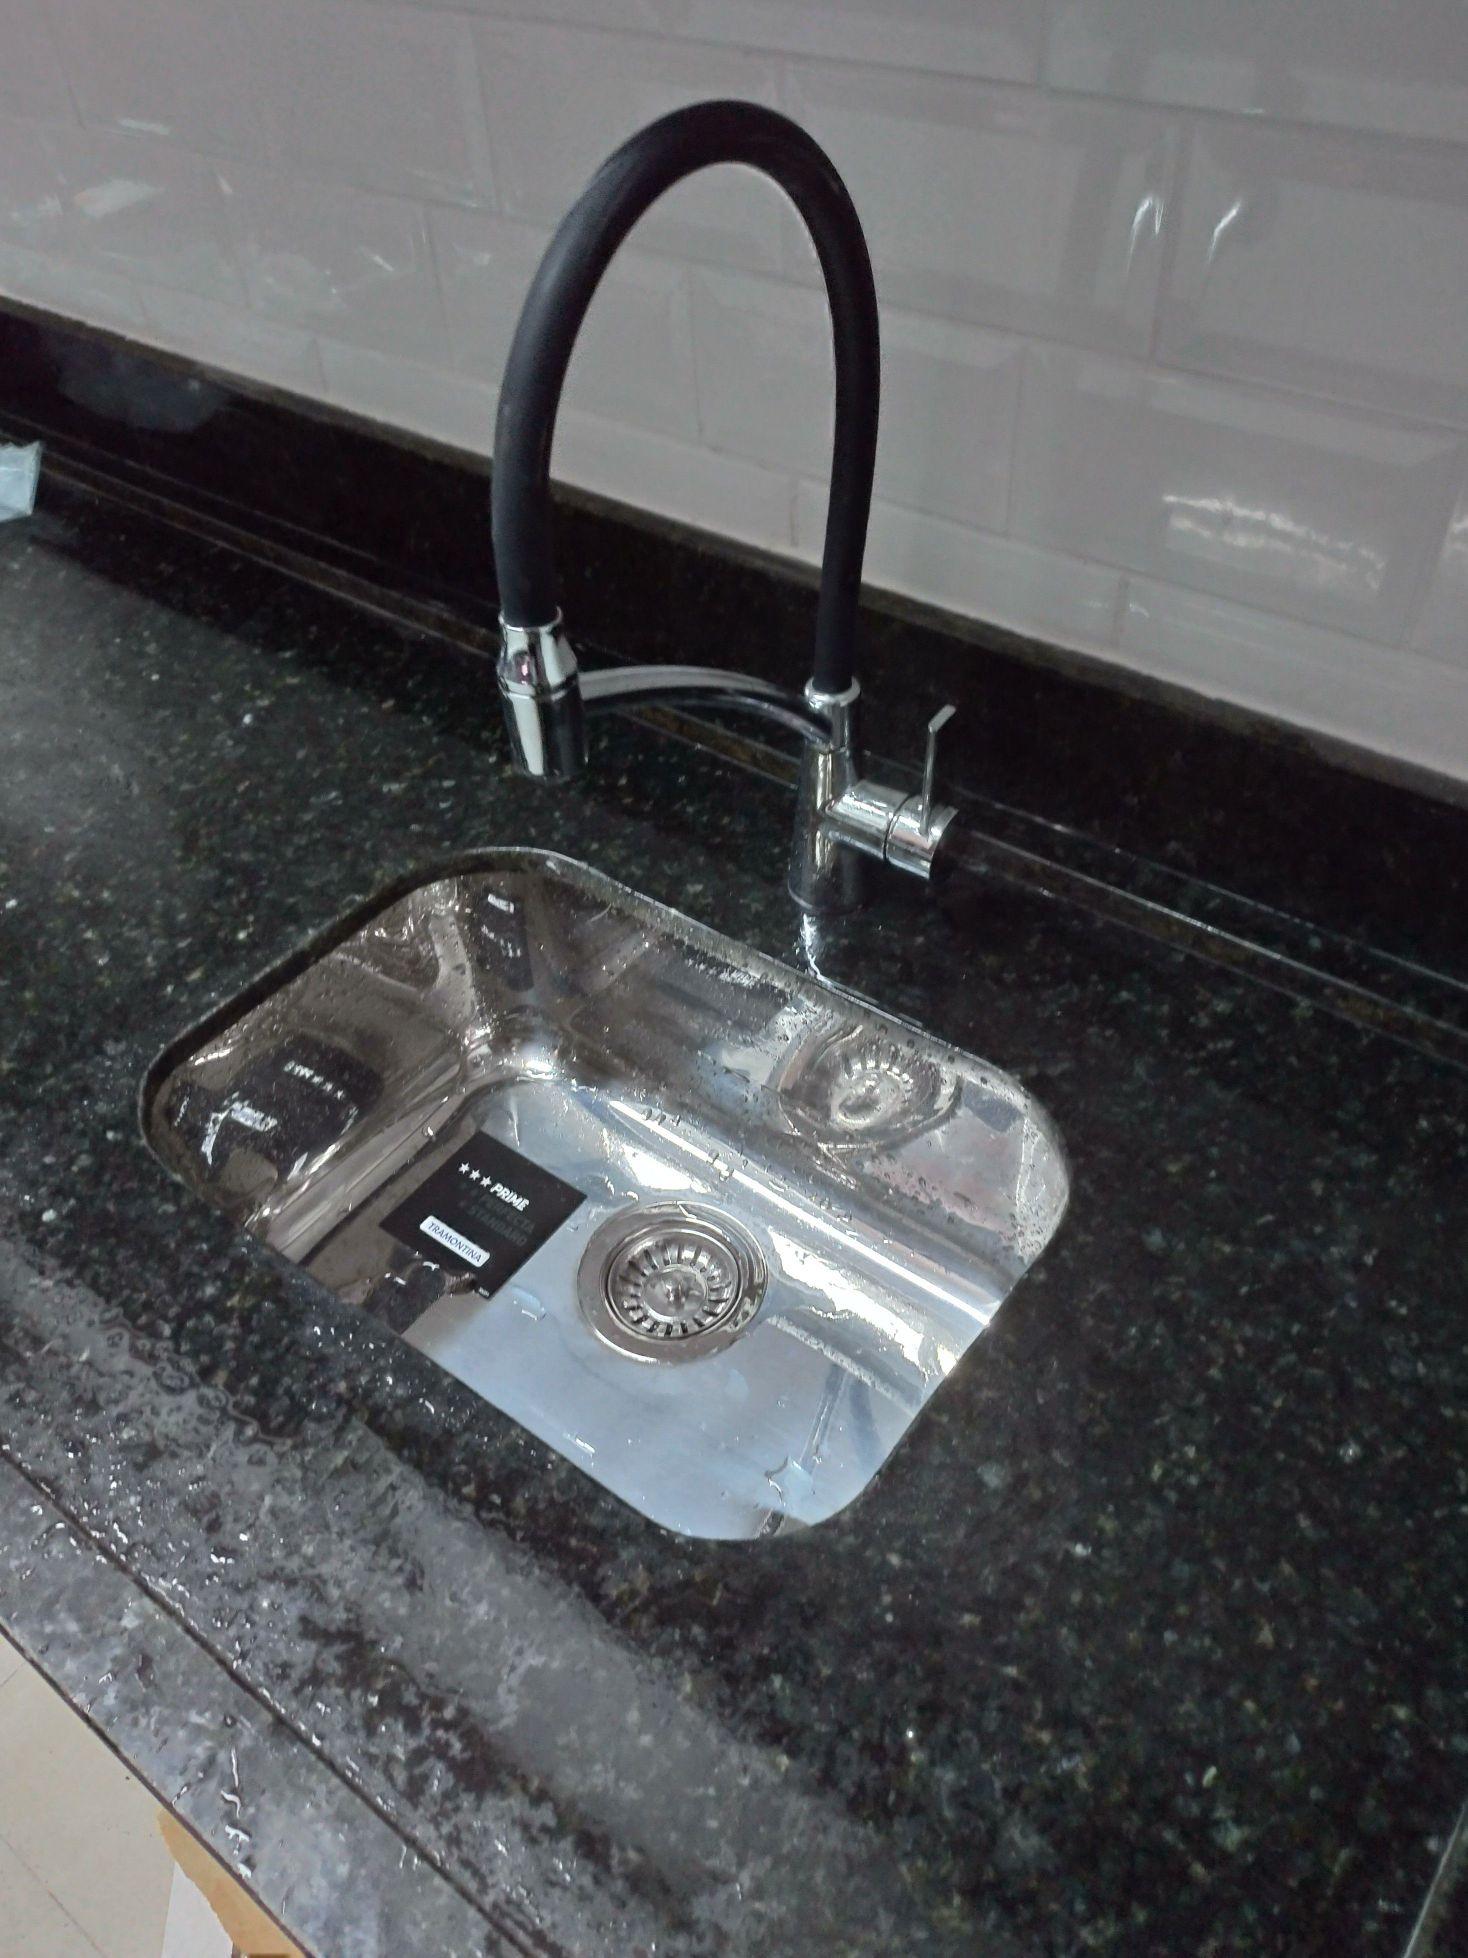 Instalação de torneiras e válvulas ( ralo da pia)